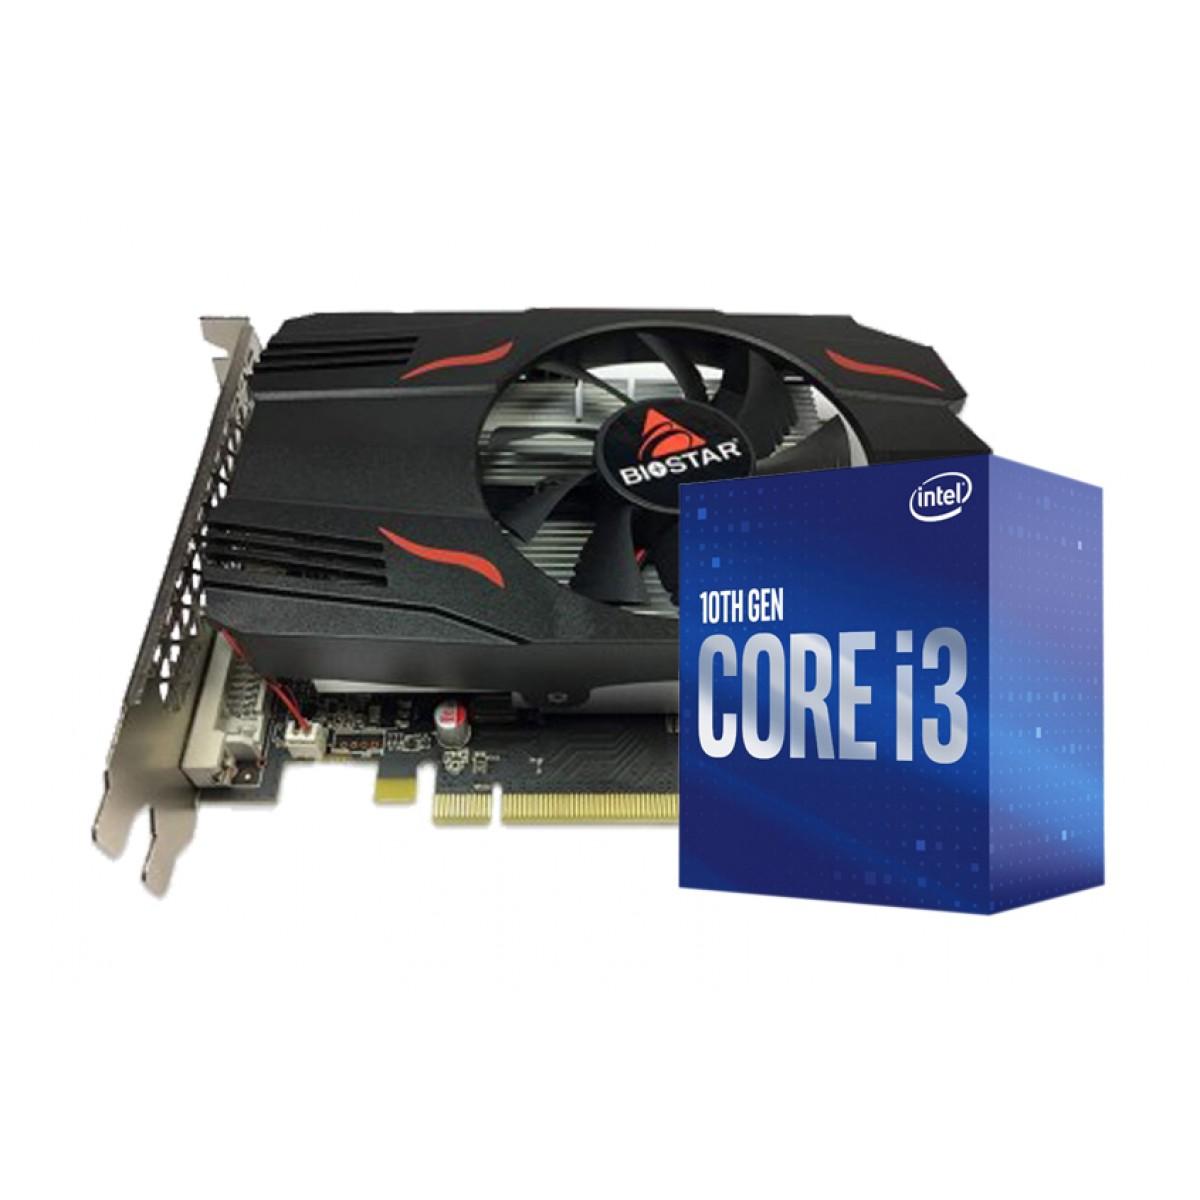 Kit Upgrade Biostar Radeon RX 550 2GB + Intel Core i3 10105F